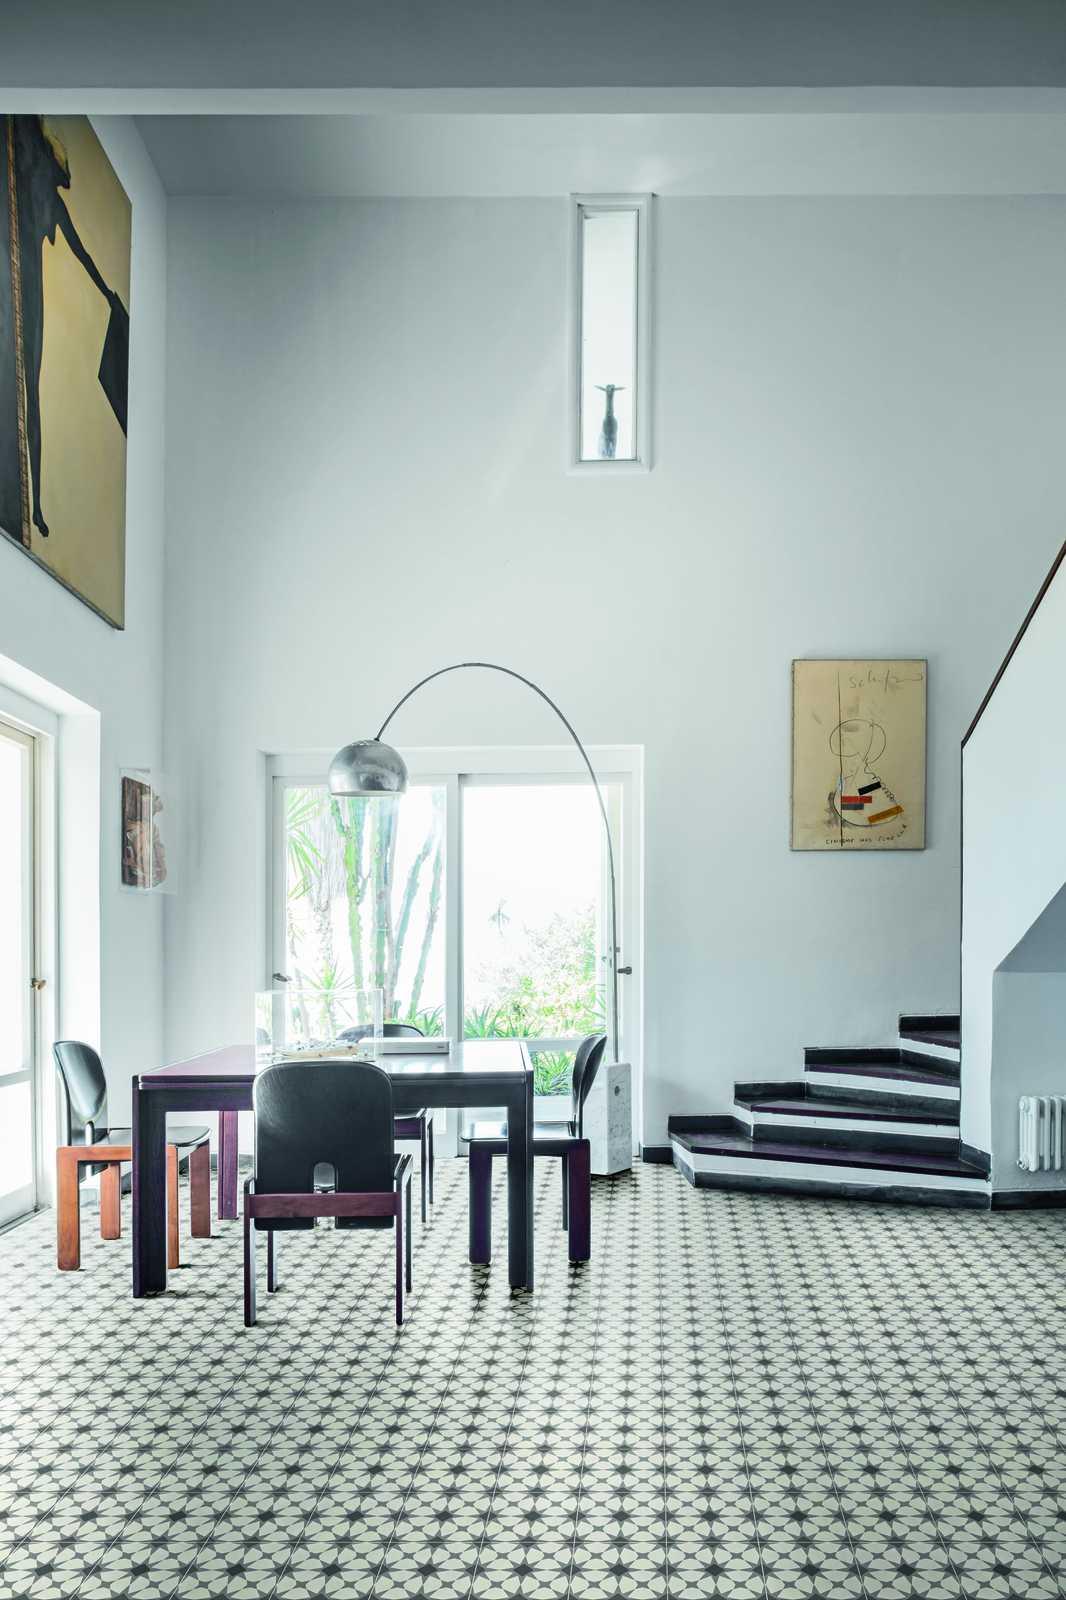 d segni feinsteinzeug in zementfliesen optik marazzi. Black Bedroom Furniture Sets. Home Design Ideas